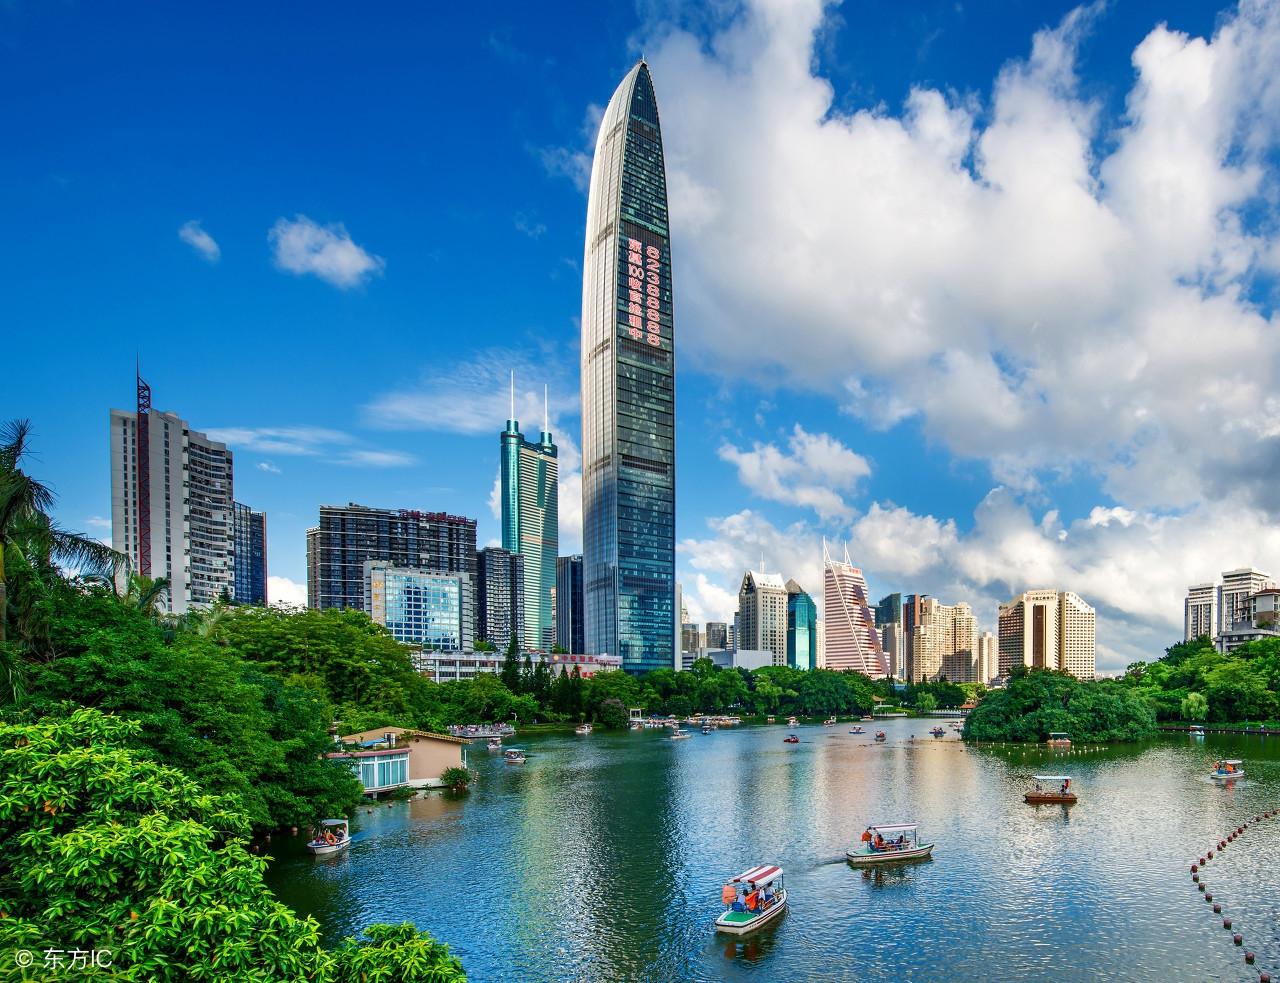 中专/高中/初中等低学历怎么入户深圳?有多种方式可选择